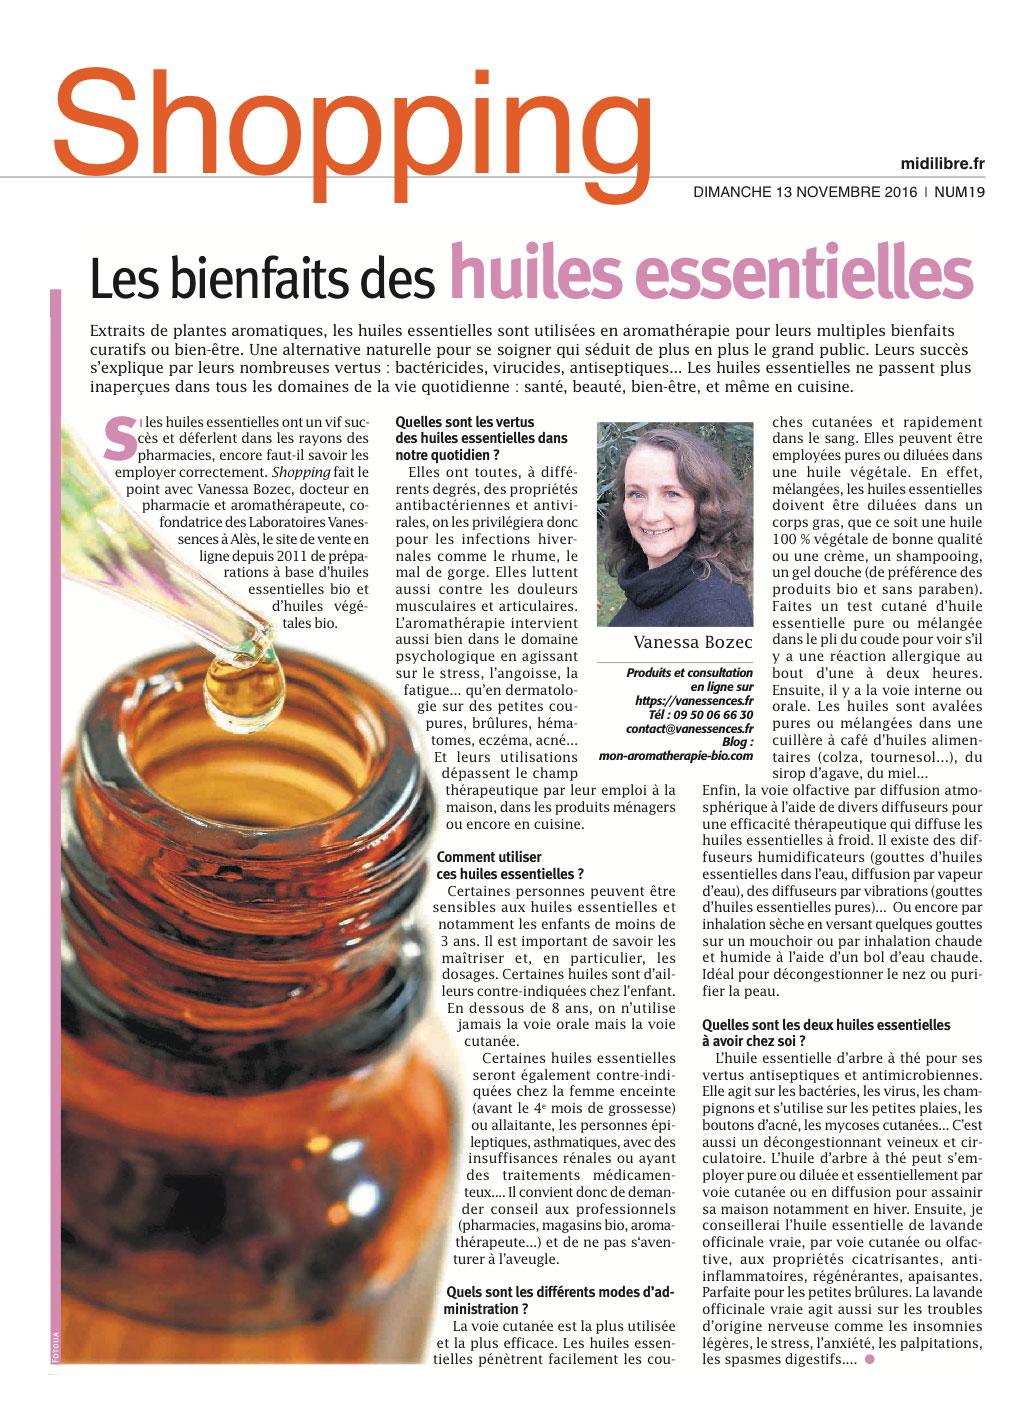 Les bienfaits des huiles essentielles. Interview de Vanessa Bozec docteur en pharmacie aromathérapeute dans Midi Libre.